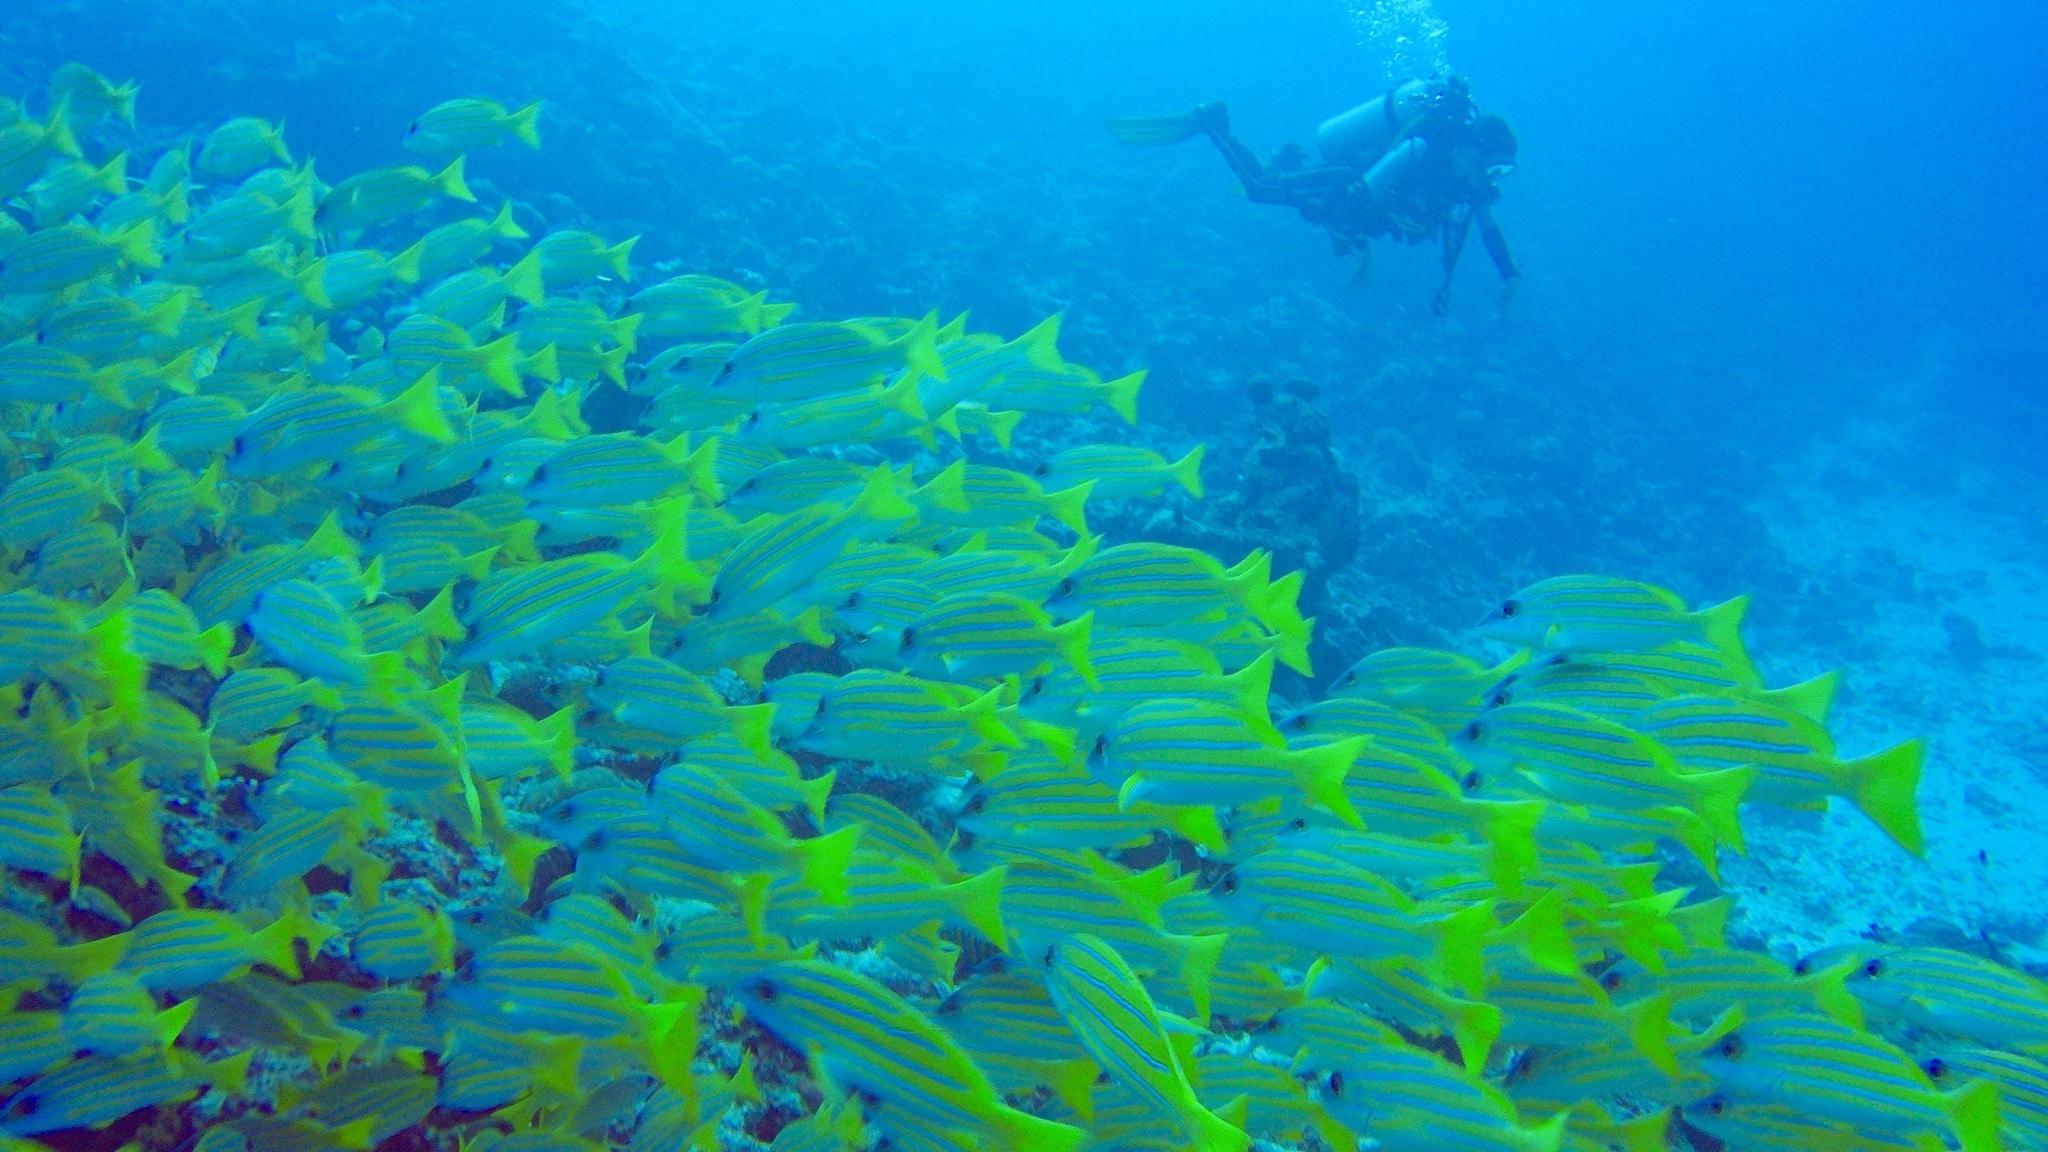 Hin und wieder findest du beim Tauchen auf den Malediven auch einen richtig großen Fischschwarm. Foto: Sascha Tegtmeyer Reisebericht Coco Bodu Hithi Malediven Erfahrungen